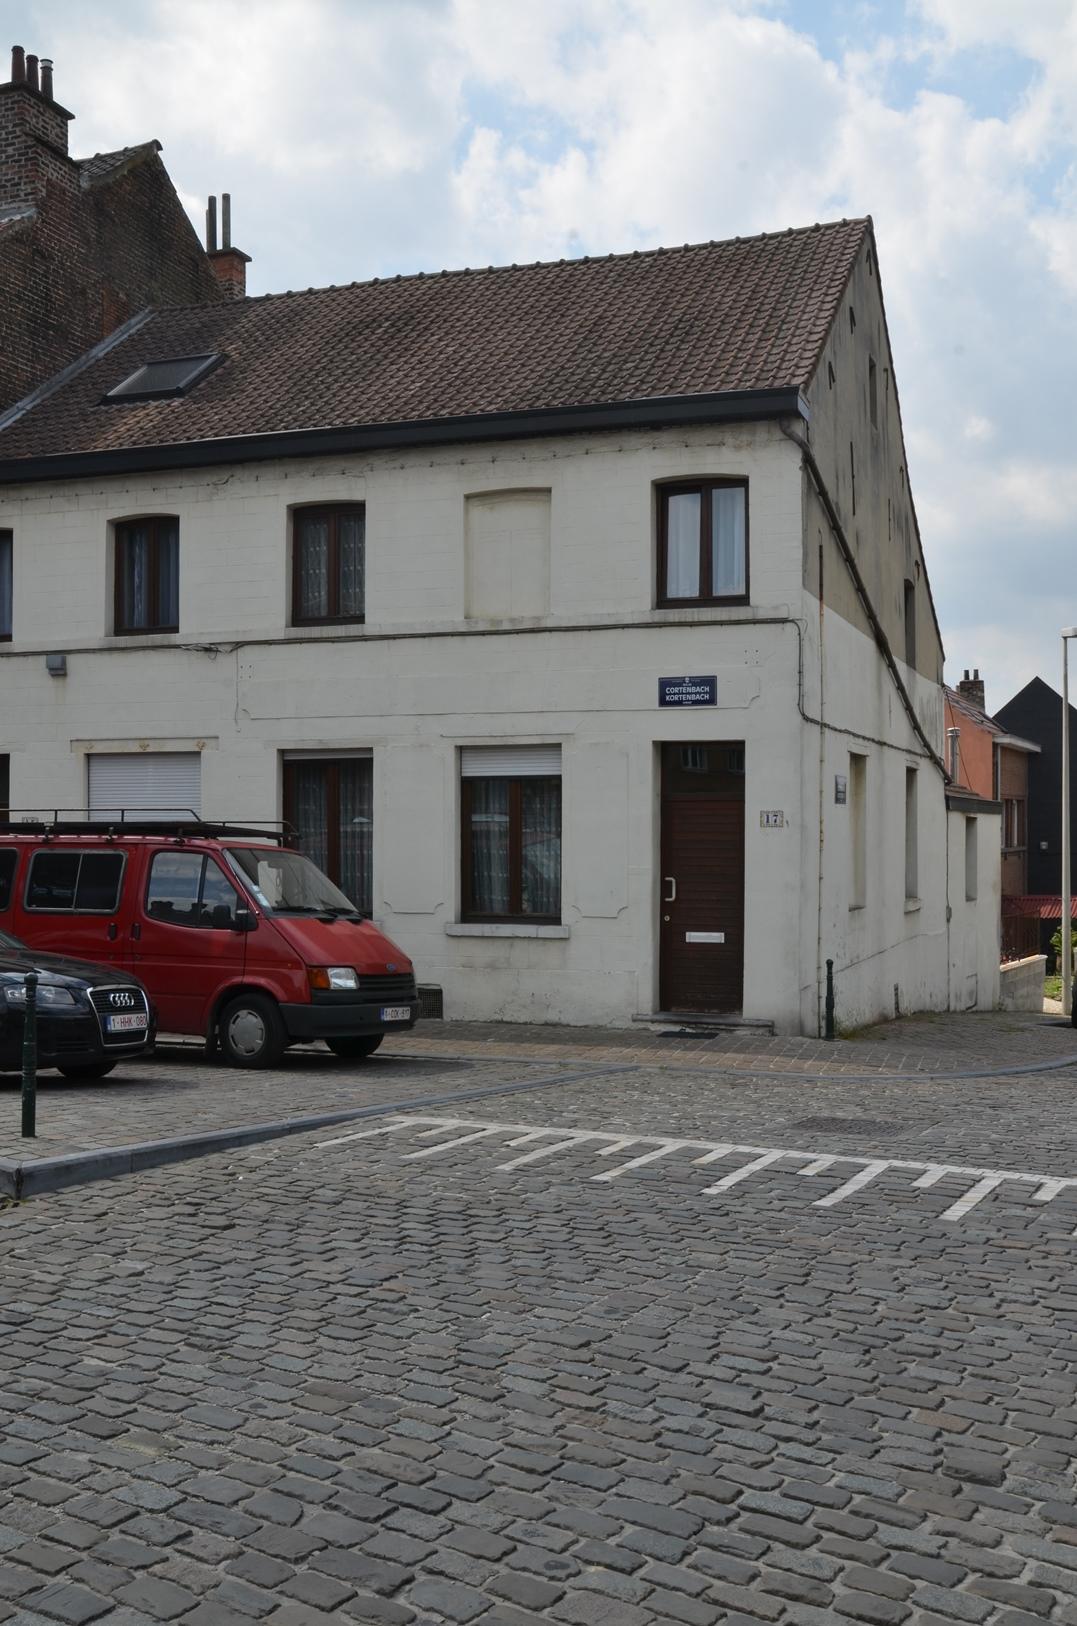 Rue de Cortenbach 17